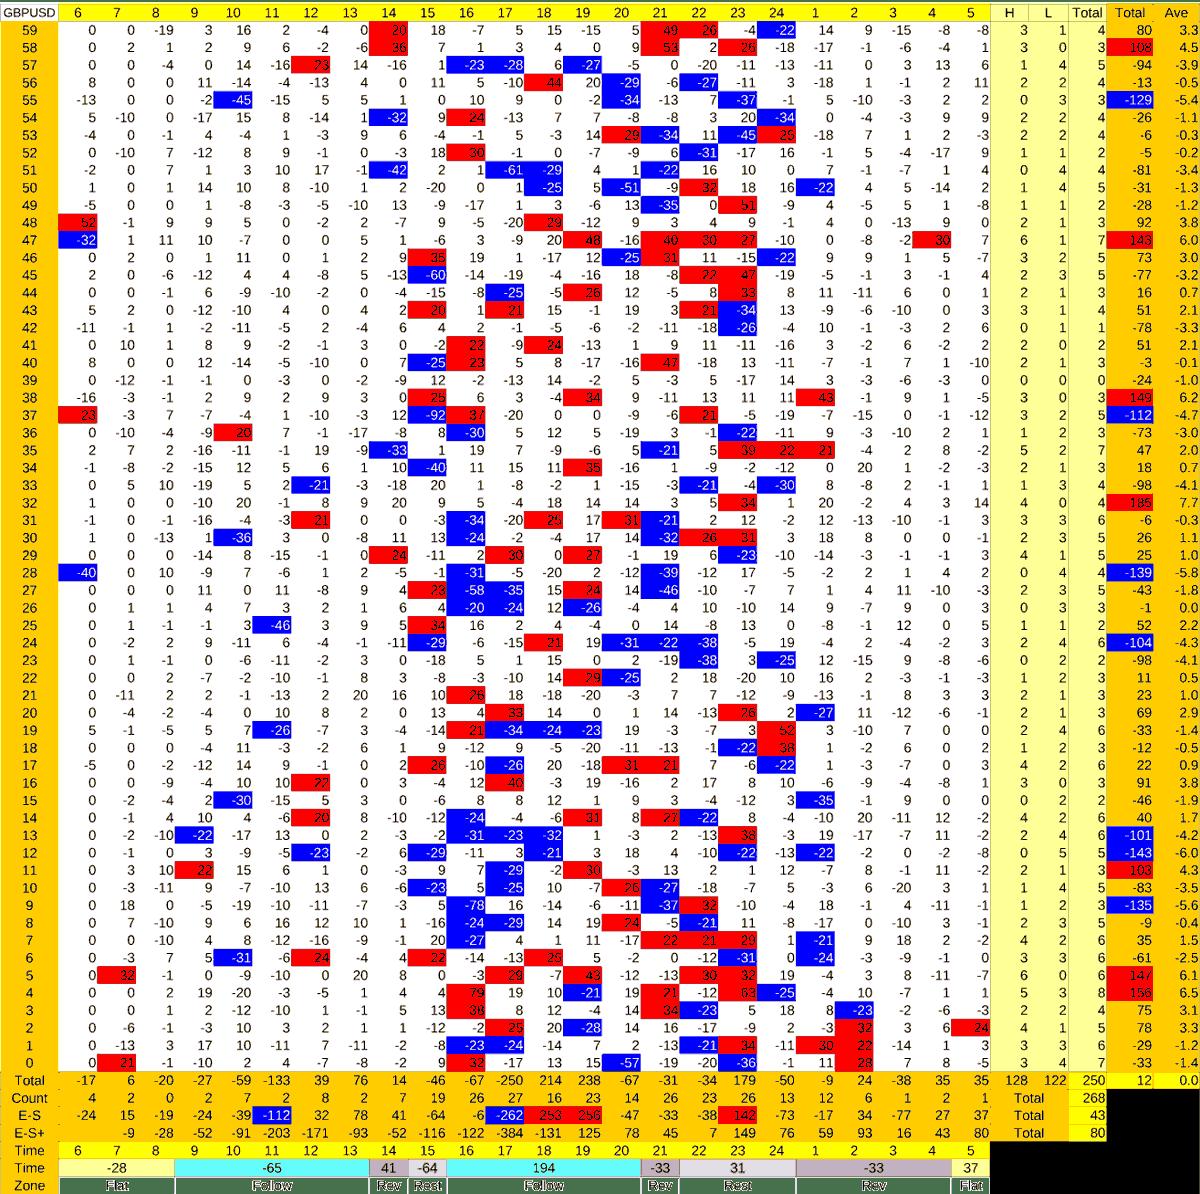 20210427_HS(2)GBPUSD